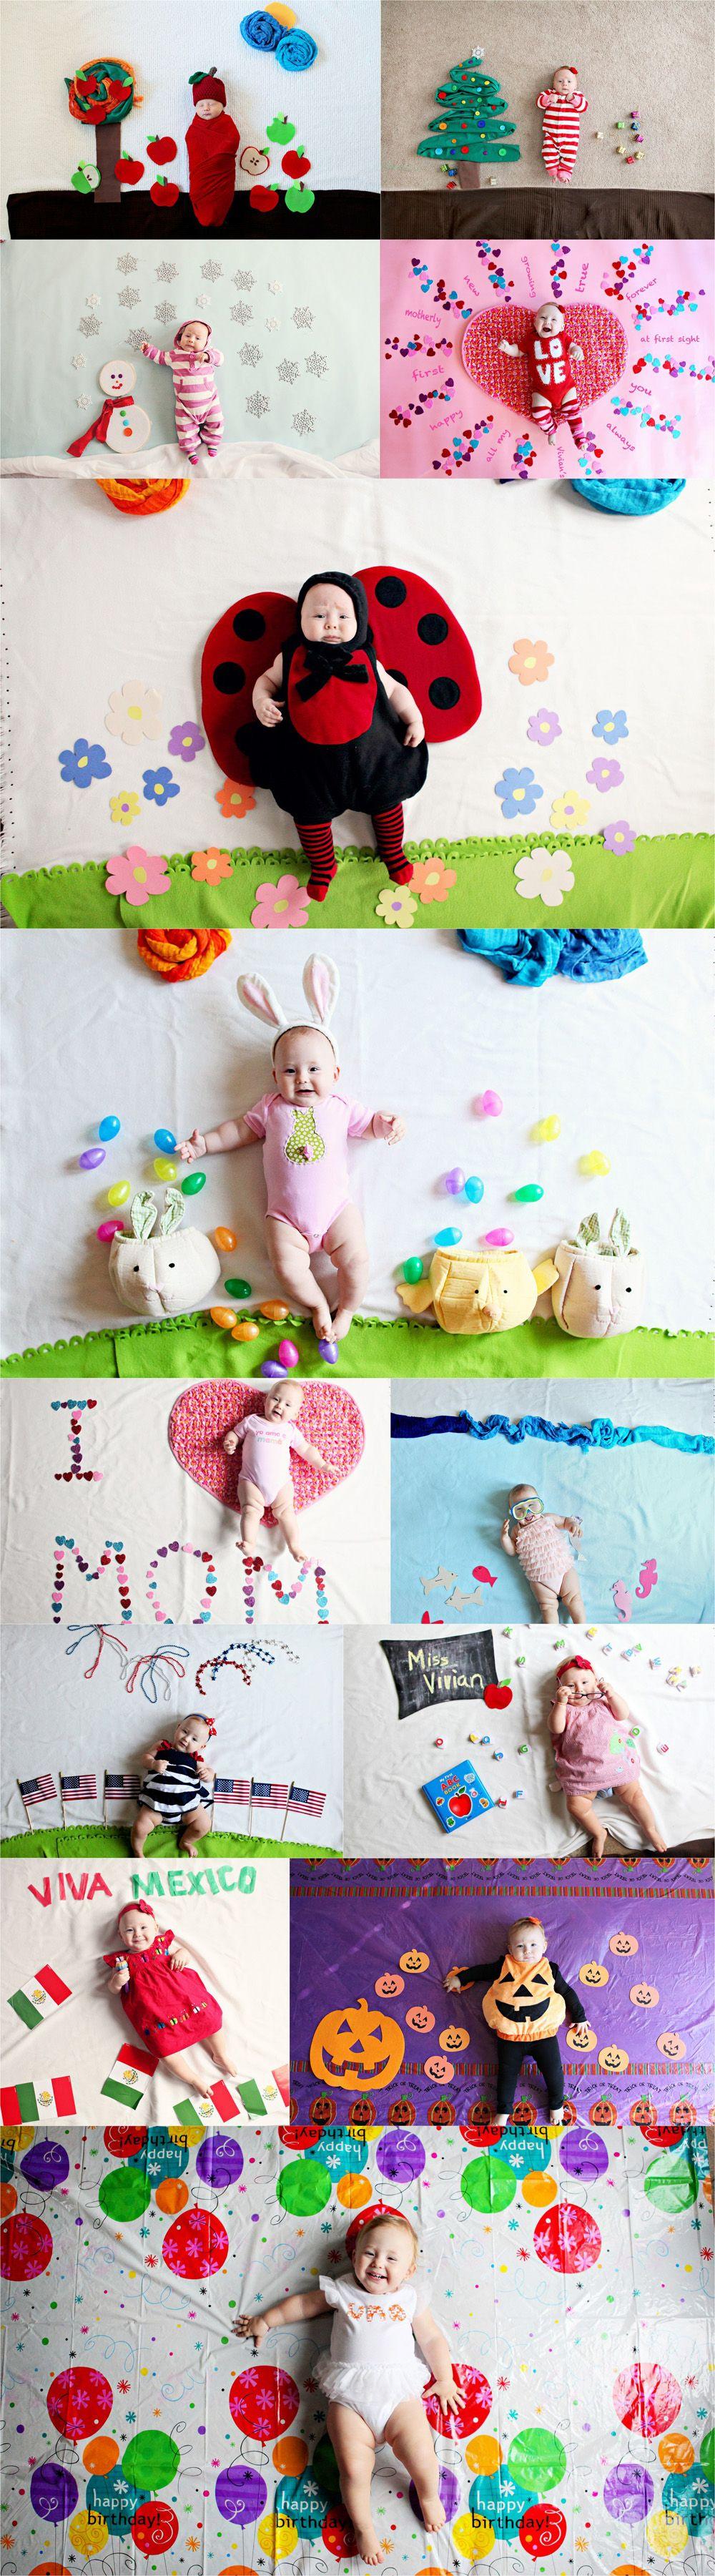 Watch Me Grow Grethel Van Epps 365 Project Monthly Baby Pictures Baby Photography Monthly Baby Photos